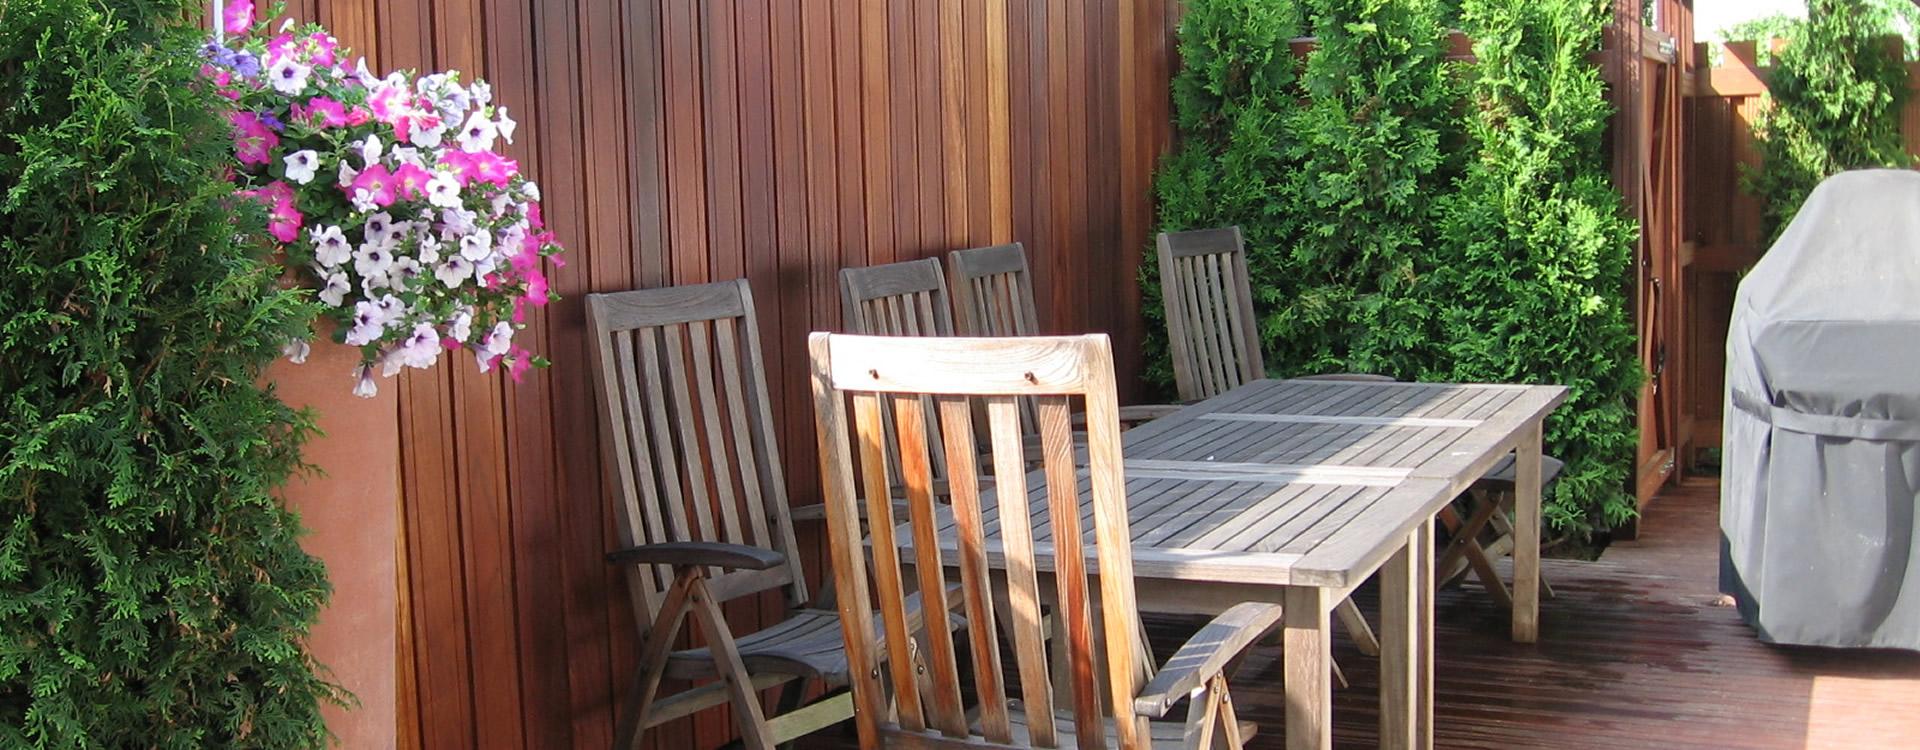 pflanzk bel von teichbau moseler ihr spezialist f r teiche gfk holzterrasse koiteich und garten. Black Bedroom Furniture Sets. Home Design Ideas